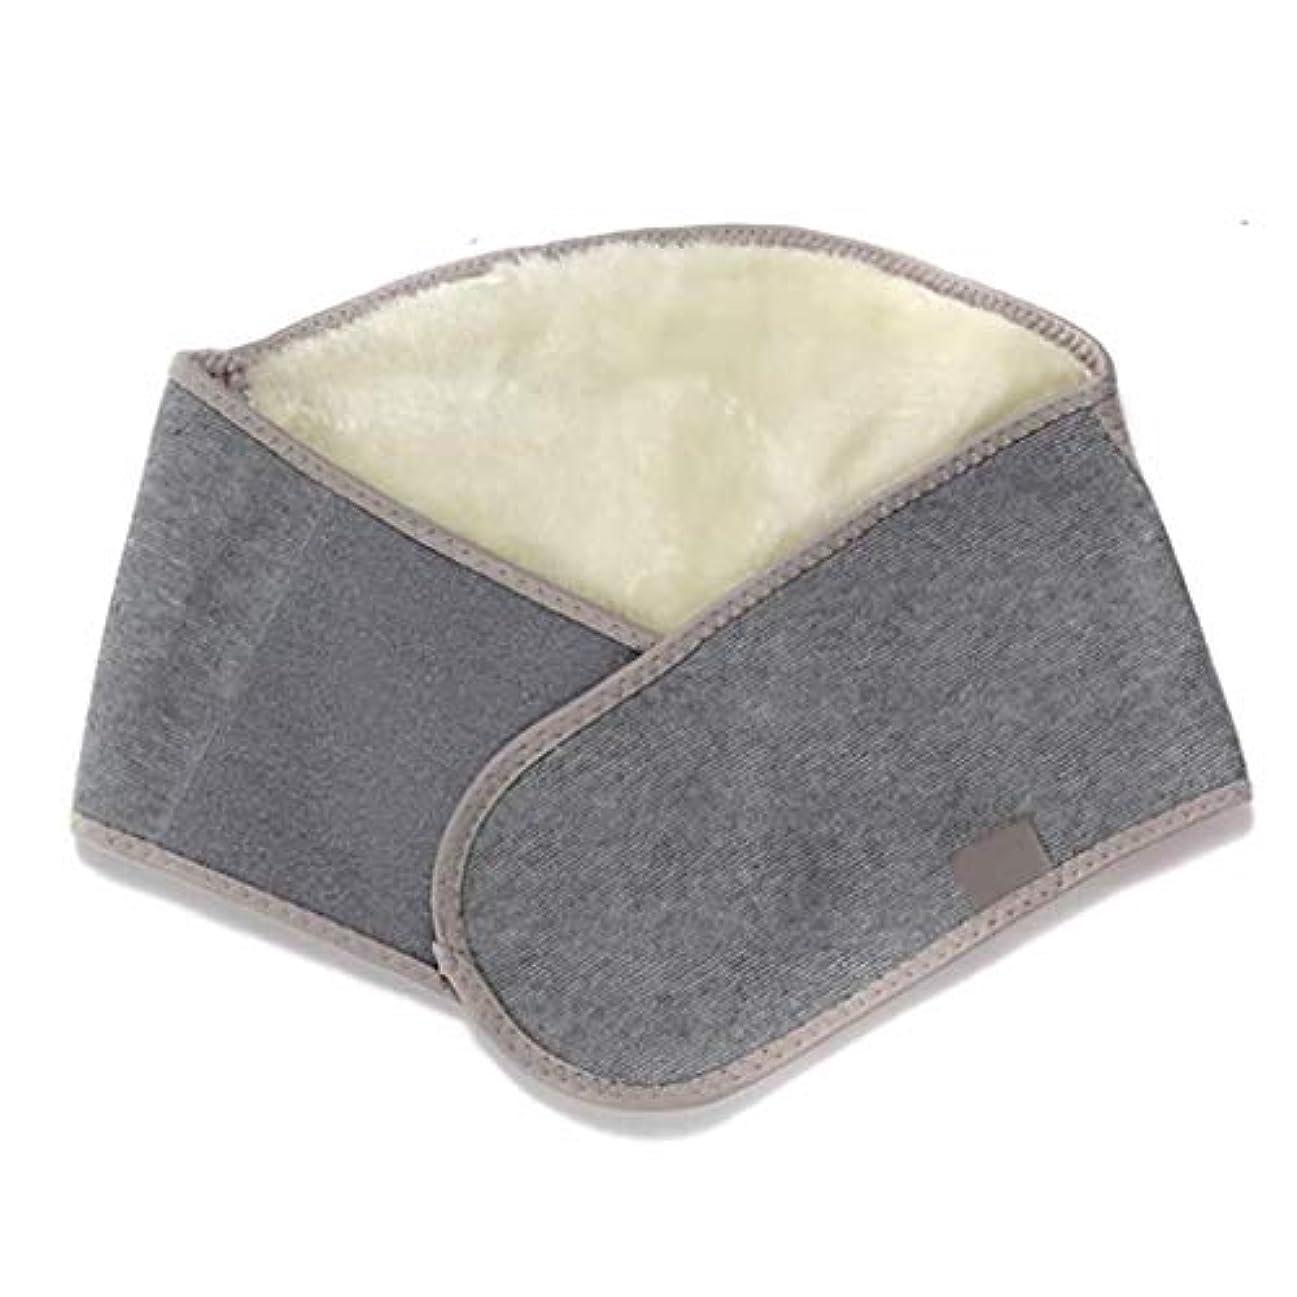 背骨データ肺戻る/腰サポートベルト、竹炭カシミヤベルト背面通気性を温め、痛みや防ぐ傷害を和らげます